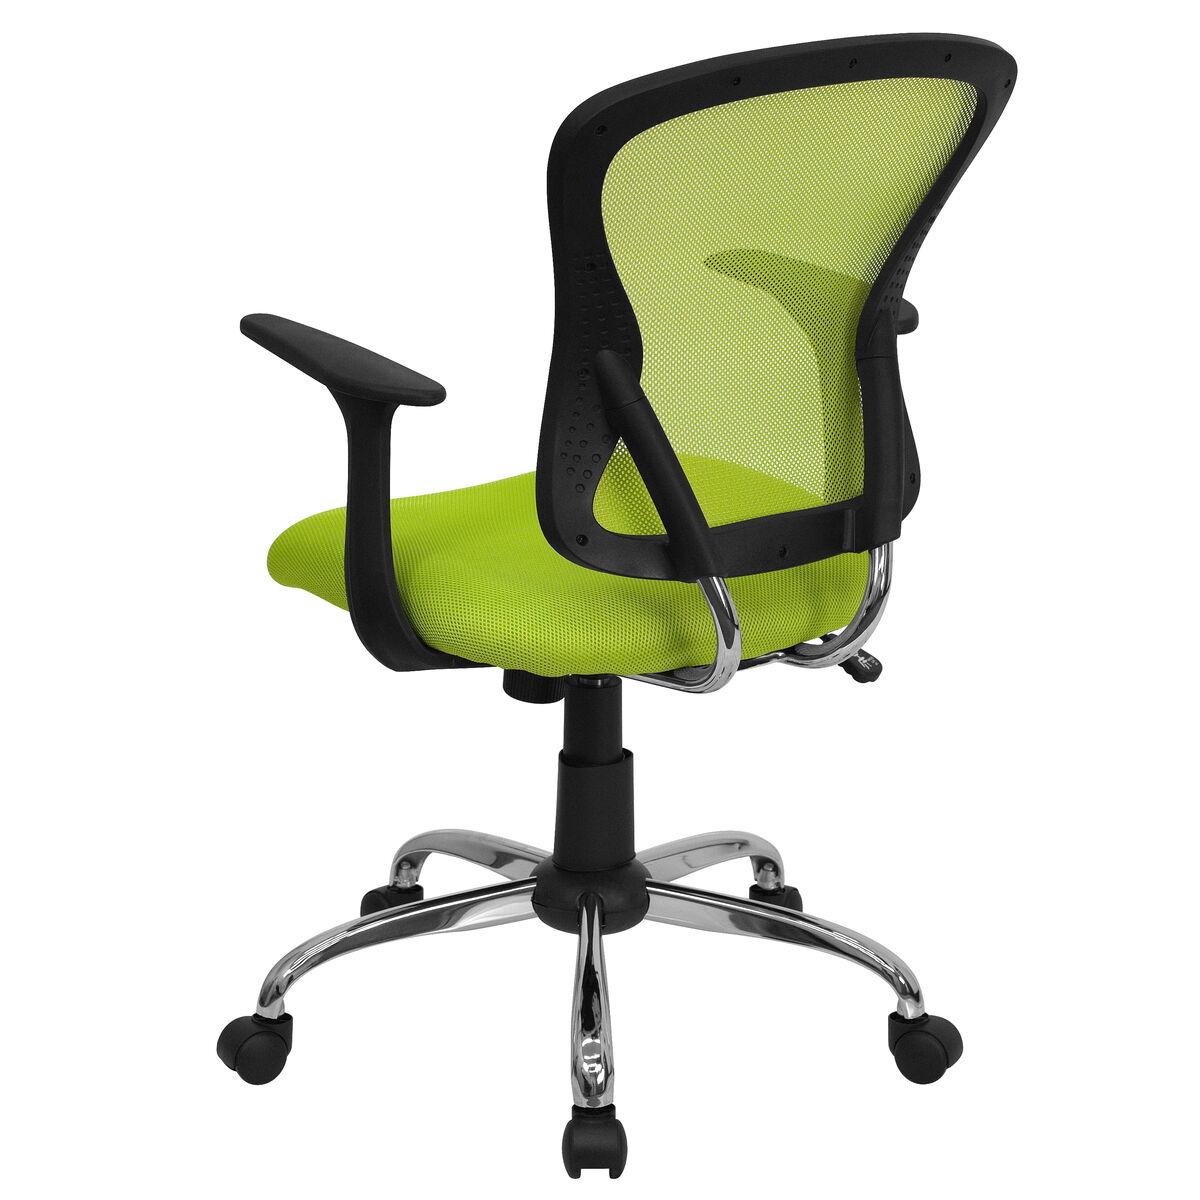 green mid back task chair h 8369f gn gg restaurantfurniture4less com